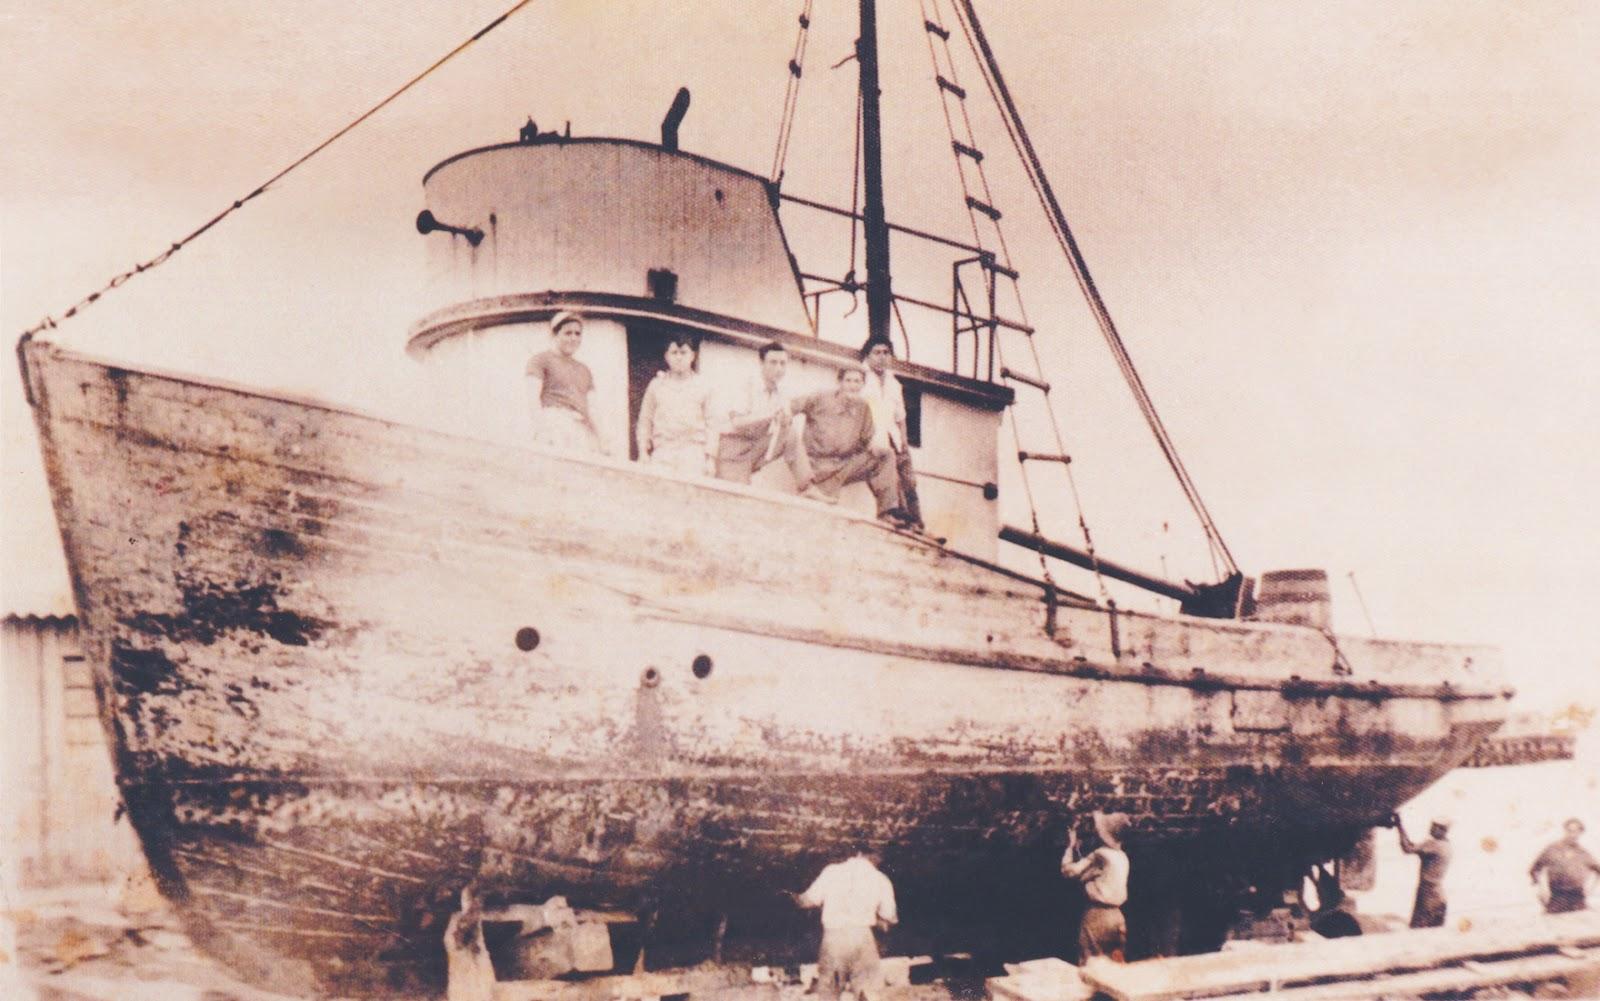 La desaparición de la Moby Dick